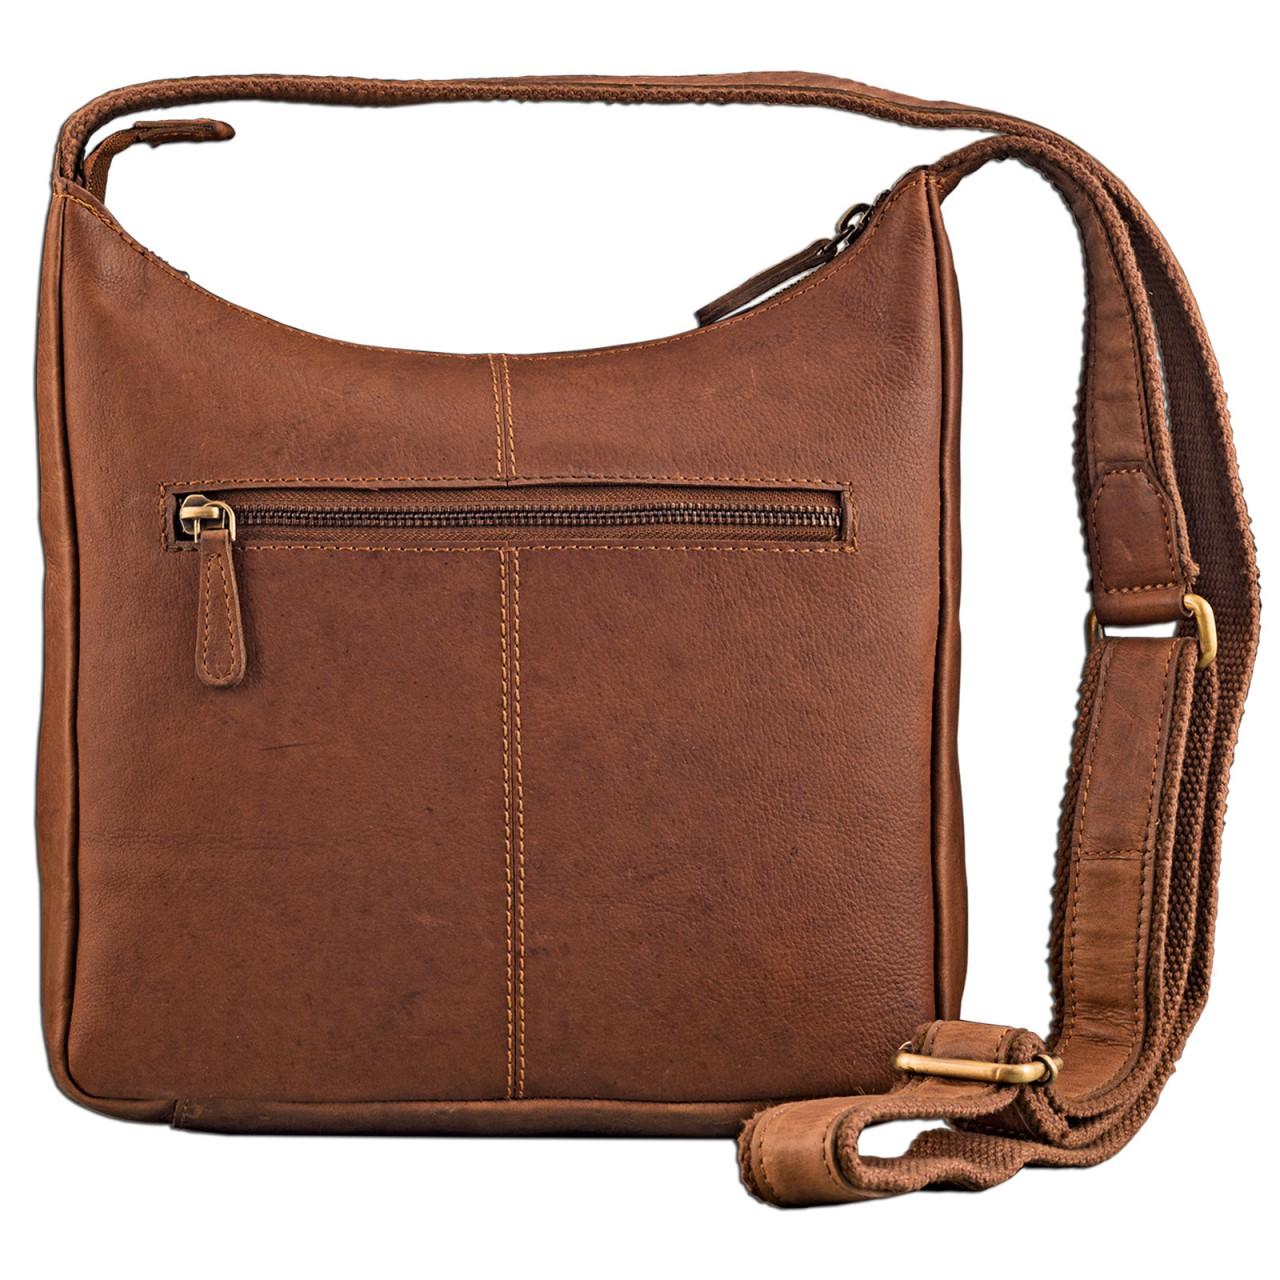 STILORD kleine Lederhandtasche Umhängetasche Vintage Handtasche mit verstellbarem Schulterriemen aus weichem Antik Leder Damen - Bild 25